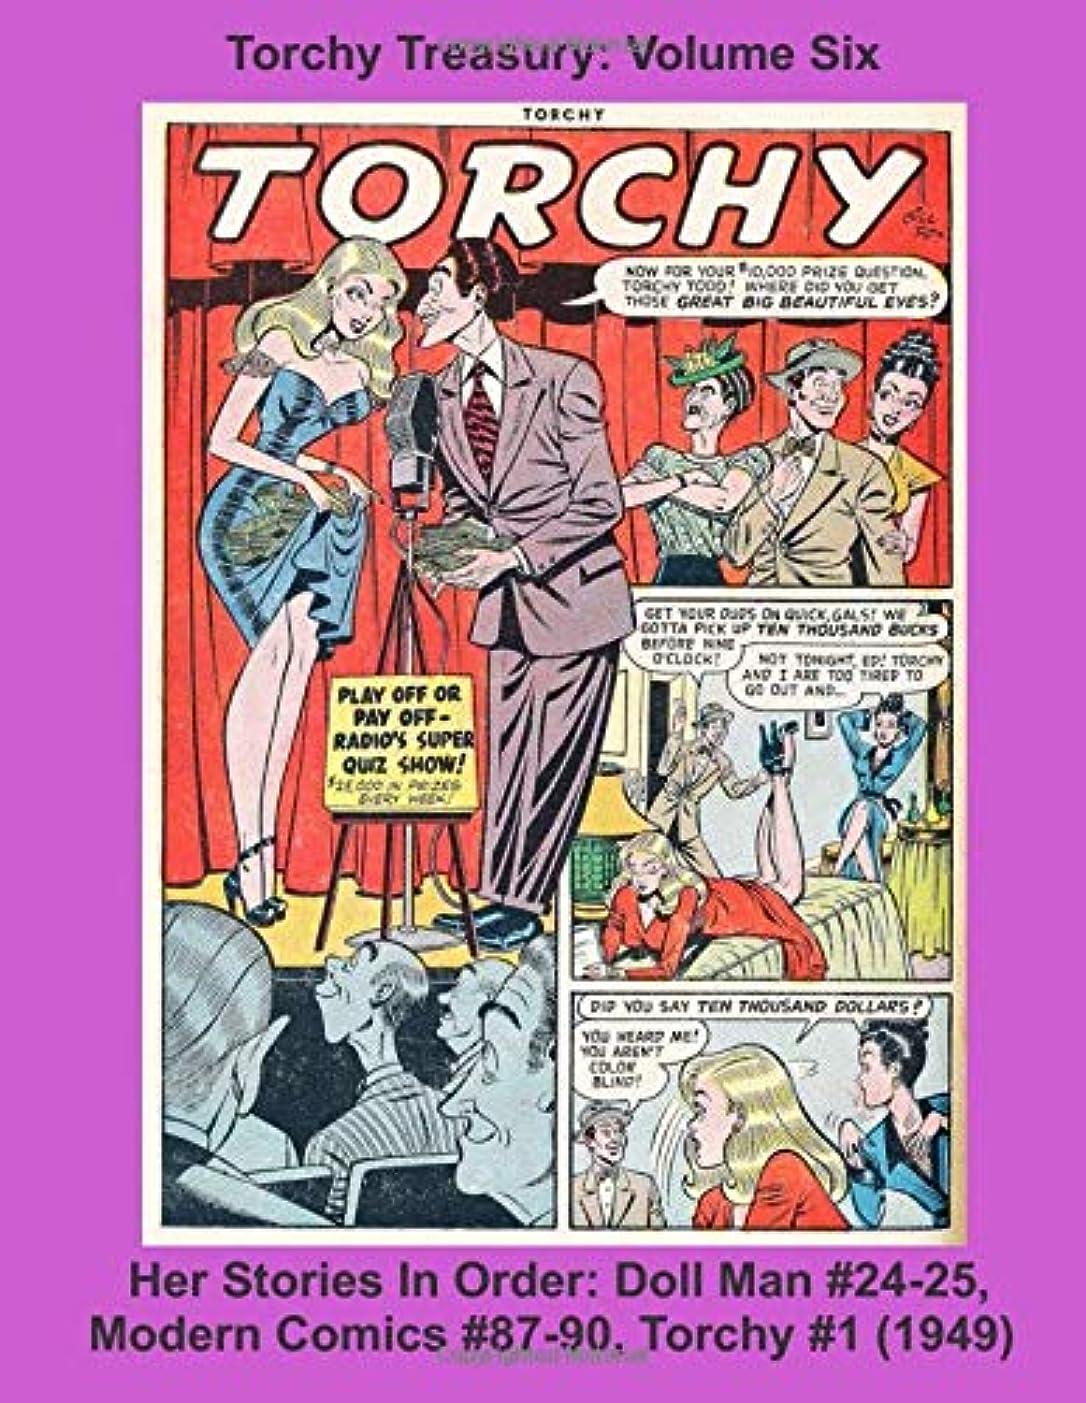 のためプレゼントくしゃみTorchy Treasury: Volume Six -- Her Stories In Order: Doll Man #24-25, Modern Comics #87-90, Torchy #1 (1949) (Golden Age Reprints by StarSpan)